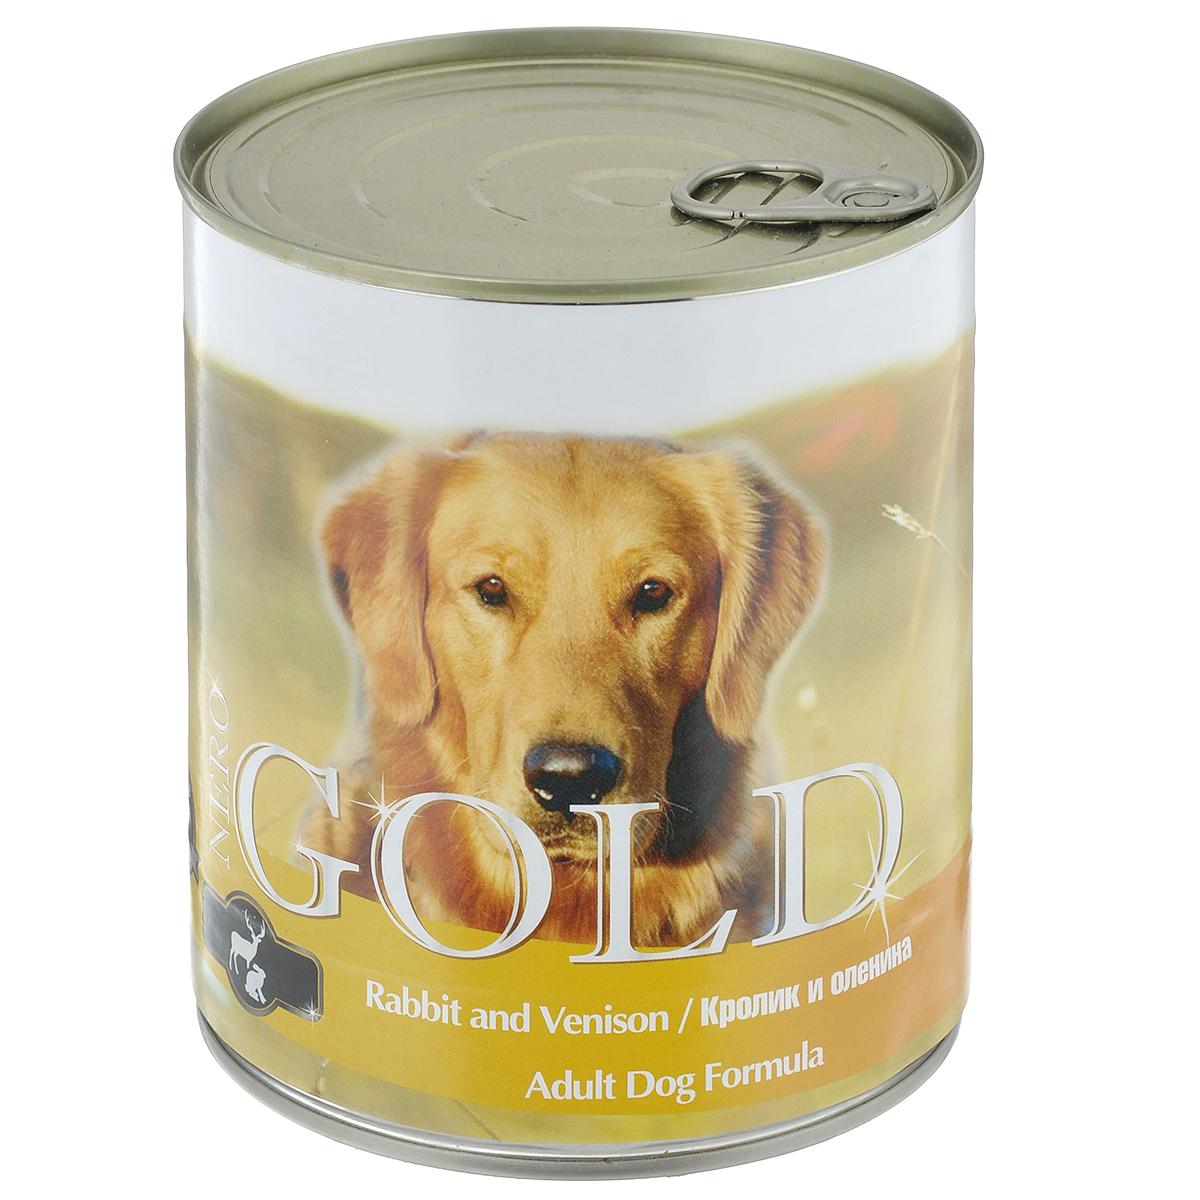 Консервы для собак Nero Gold, с кроликом и олениной, 810 г10321Консервы для собак Nero Gold - полнорационный продукт, содержащий все необходимые витамины и минералы, сбалансированный для поддержания оптимального здоровья вашего питомца! Состав: мясо и его производные, филе курицы, филе кролика, оленина, злаки, витамины и минералы. Гарантированный анализ: белки 6,5%, жиры 4,5%, клетчатка 0,5%, зола 2%, влага 81%. Пищевые добавки на 1 кг продукта: витамин А 1600 МЕ, витамин D 140 МЕ, витамин Е 10 МЕ, железо 24 мг, марганец 6 мг, цинк 15 мг, медь 1 мг, магний 200 мг, йод 0,3 мг, селен 0,2 мг. Вес: 810 г. Товар сертифицирован.